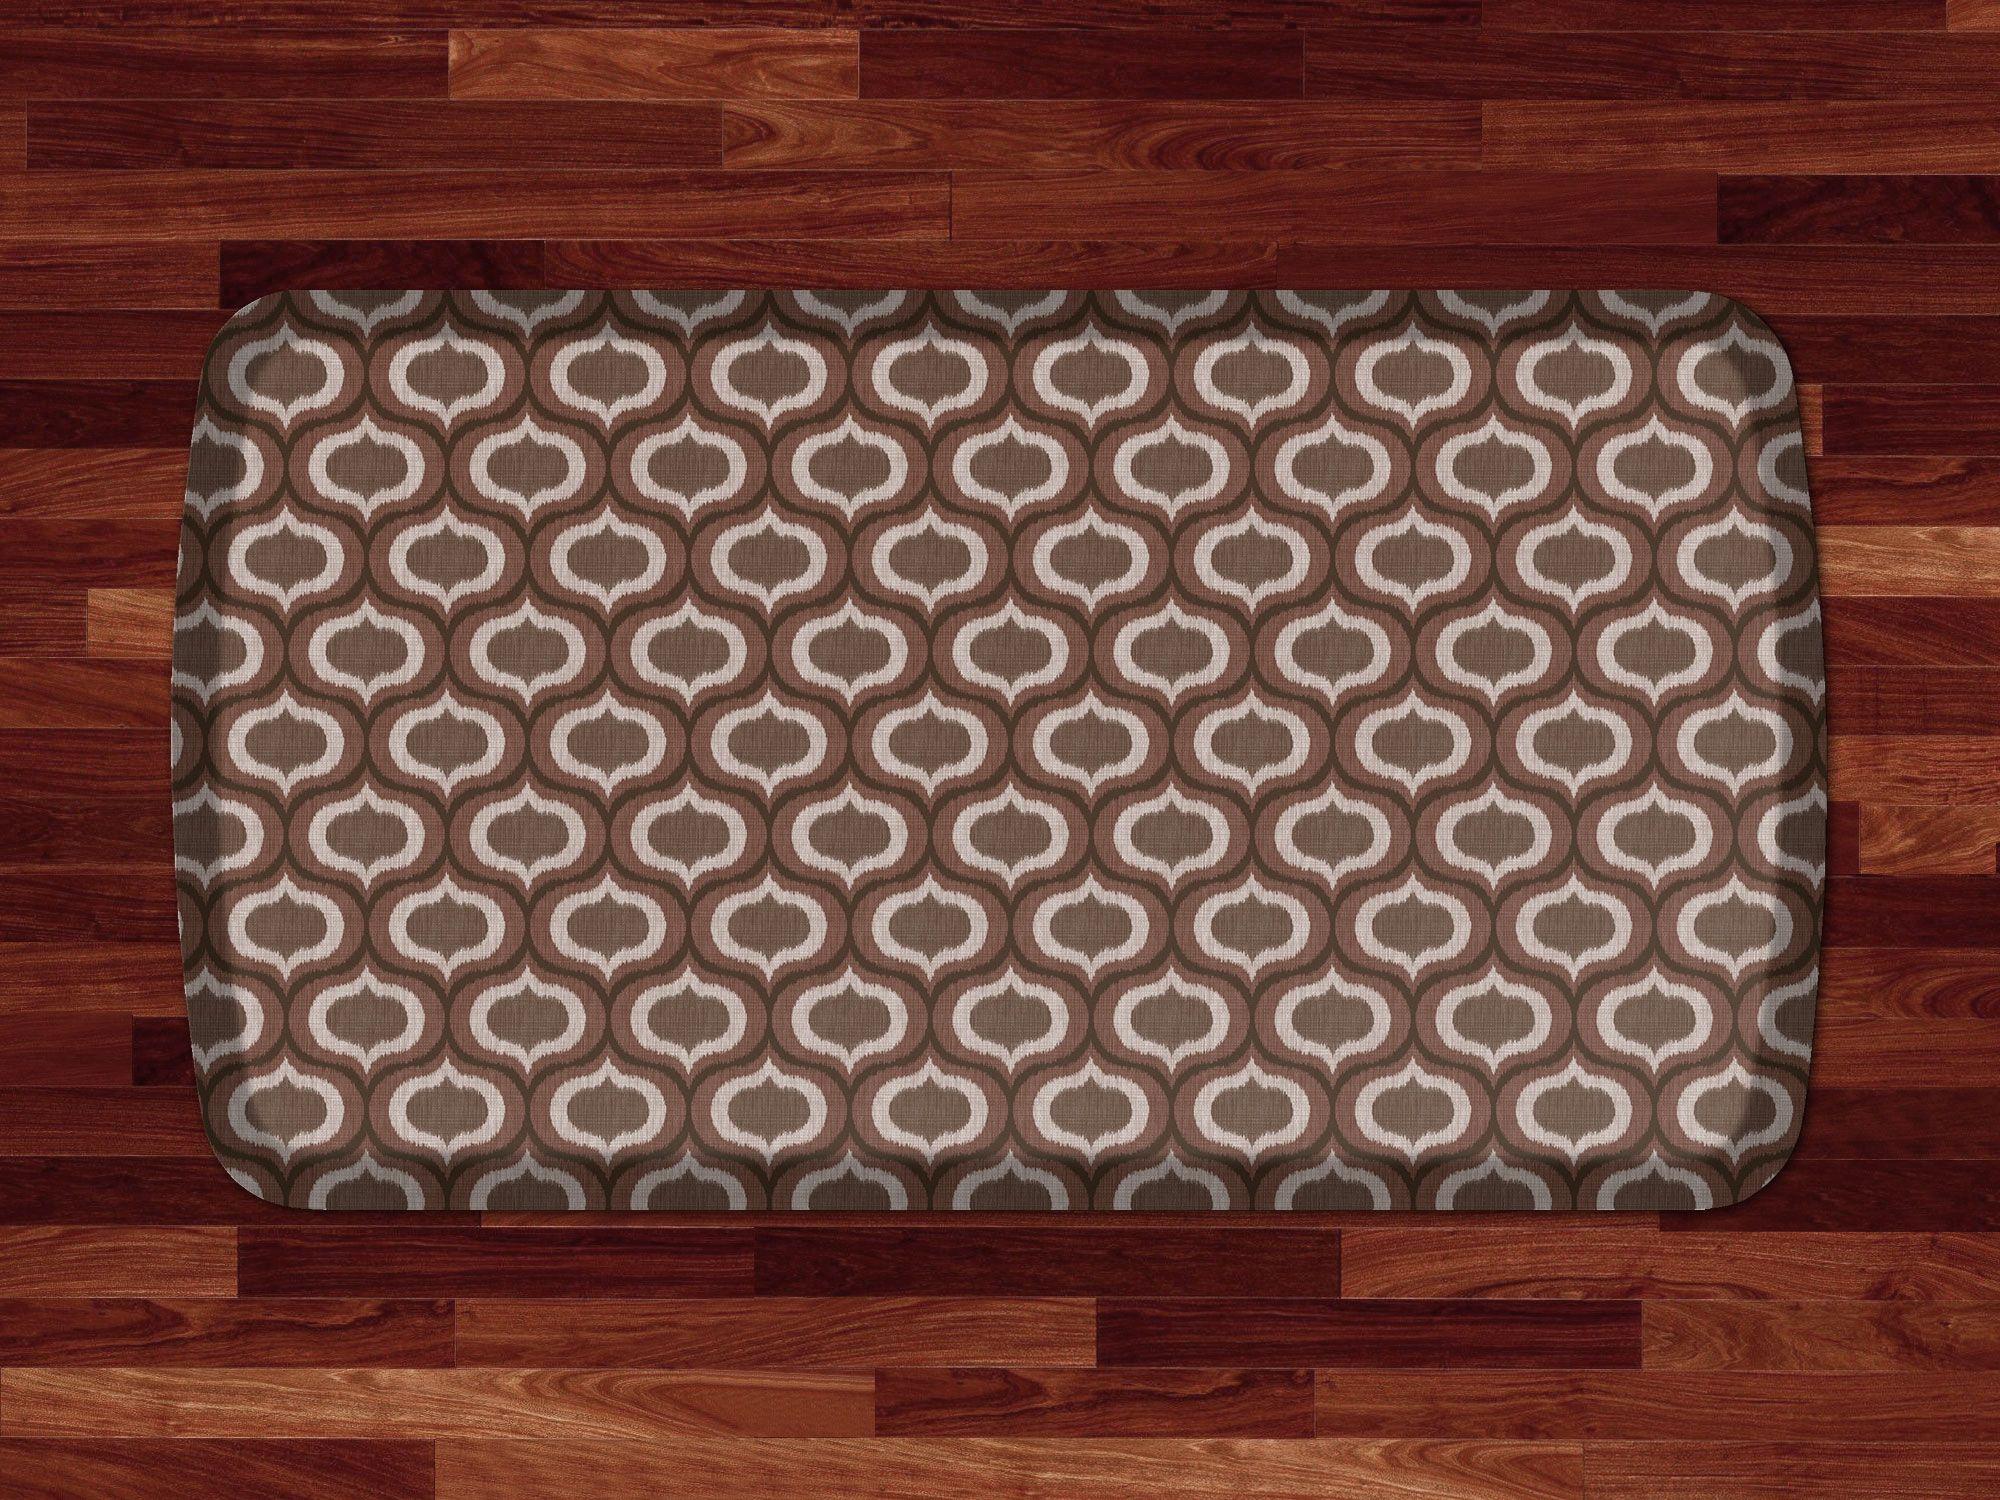 p sea mat floor sc standing ergonomic gelpro mats elite coral